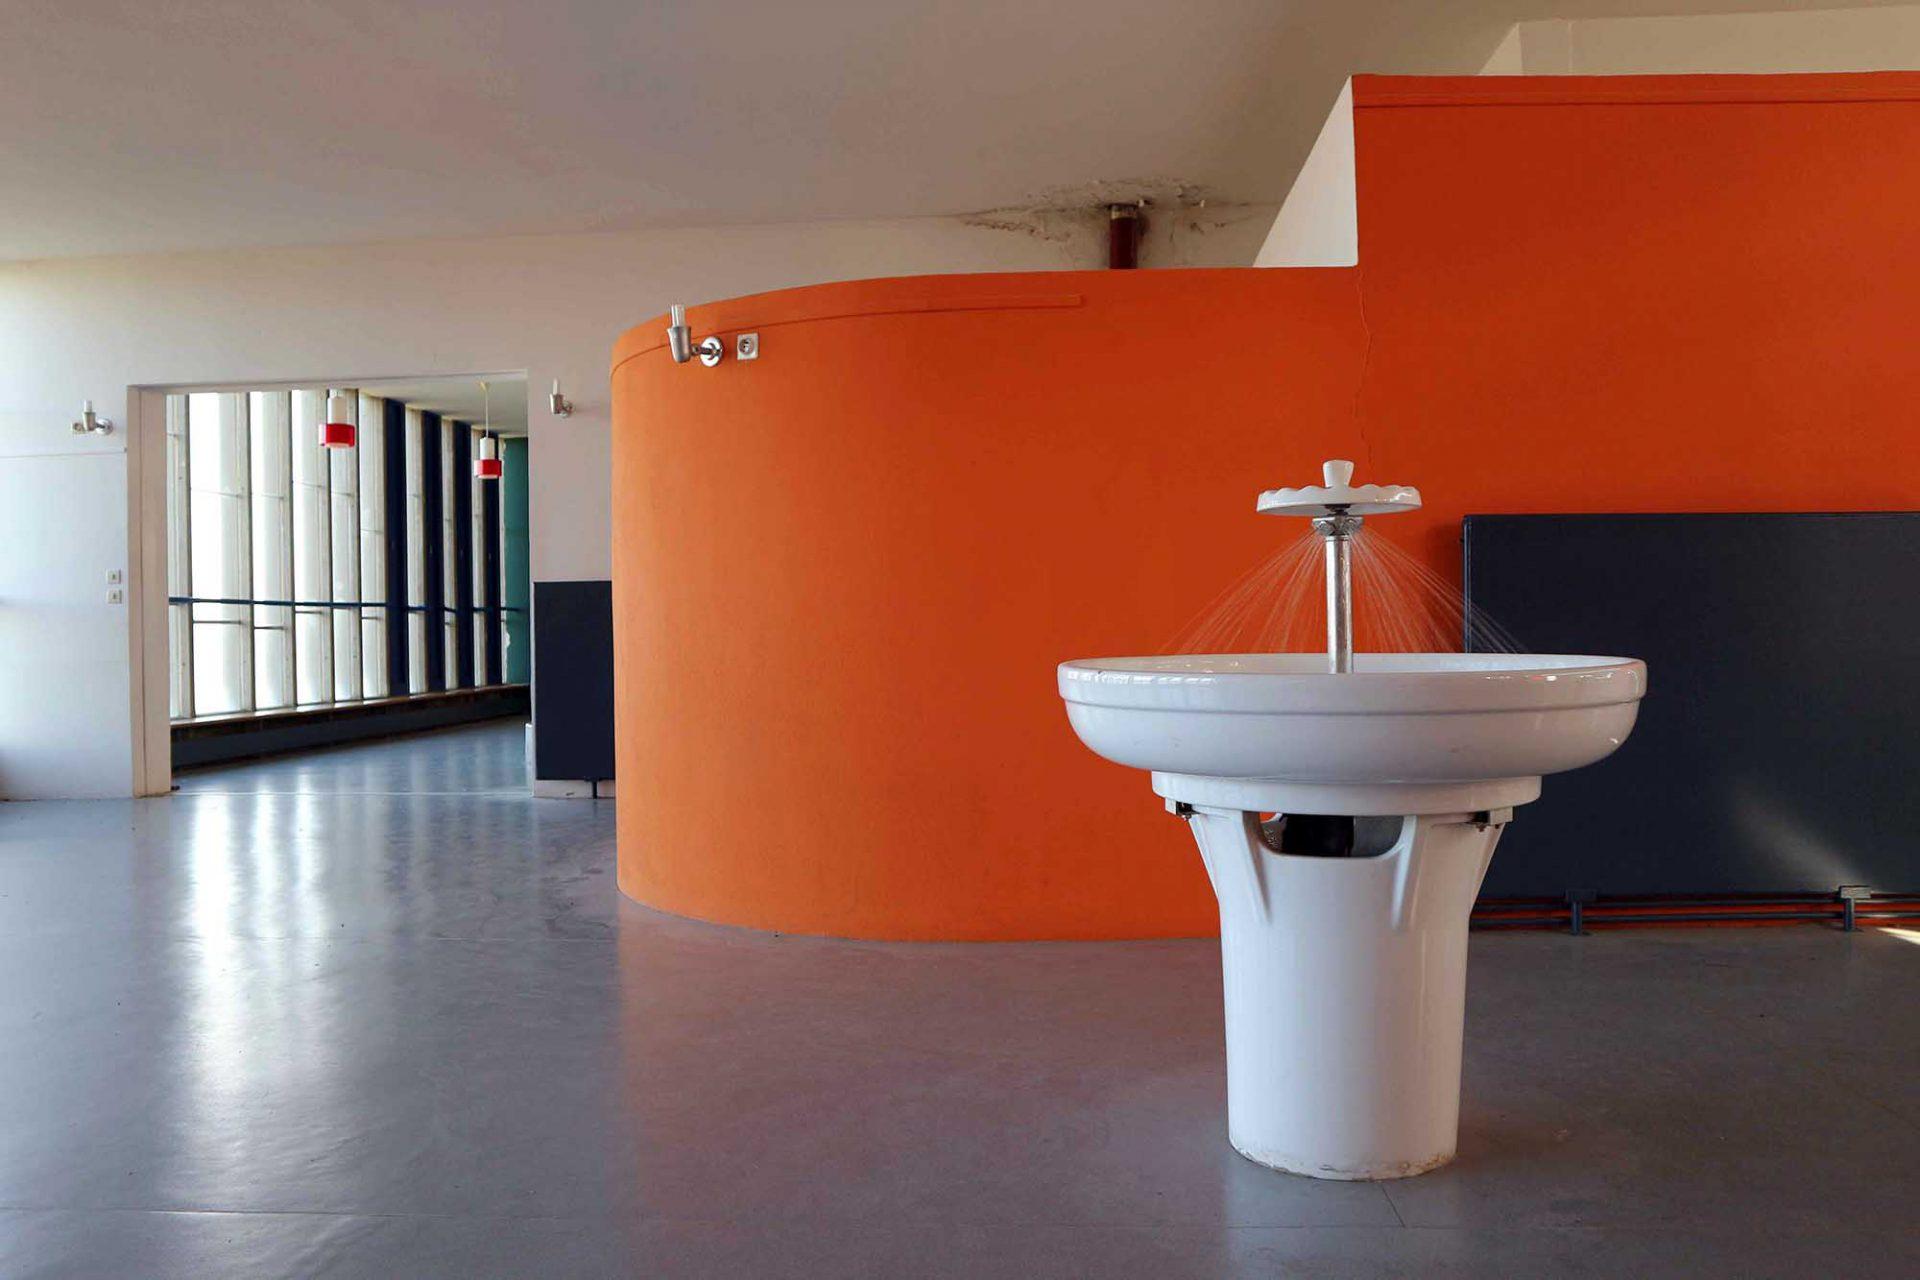 """Unité d'Habitation. Auf seinen Erfahrungen im Umgang mit Struktur, Volumen und Farbe entwickelte Le Corbusier eine puristische Farbenlehre für die moderne Architektur: die """"Polychromie Architecturale""""."""